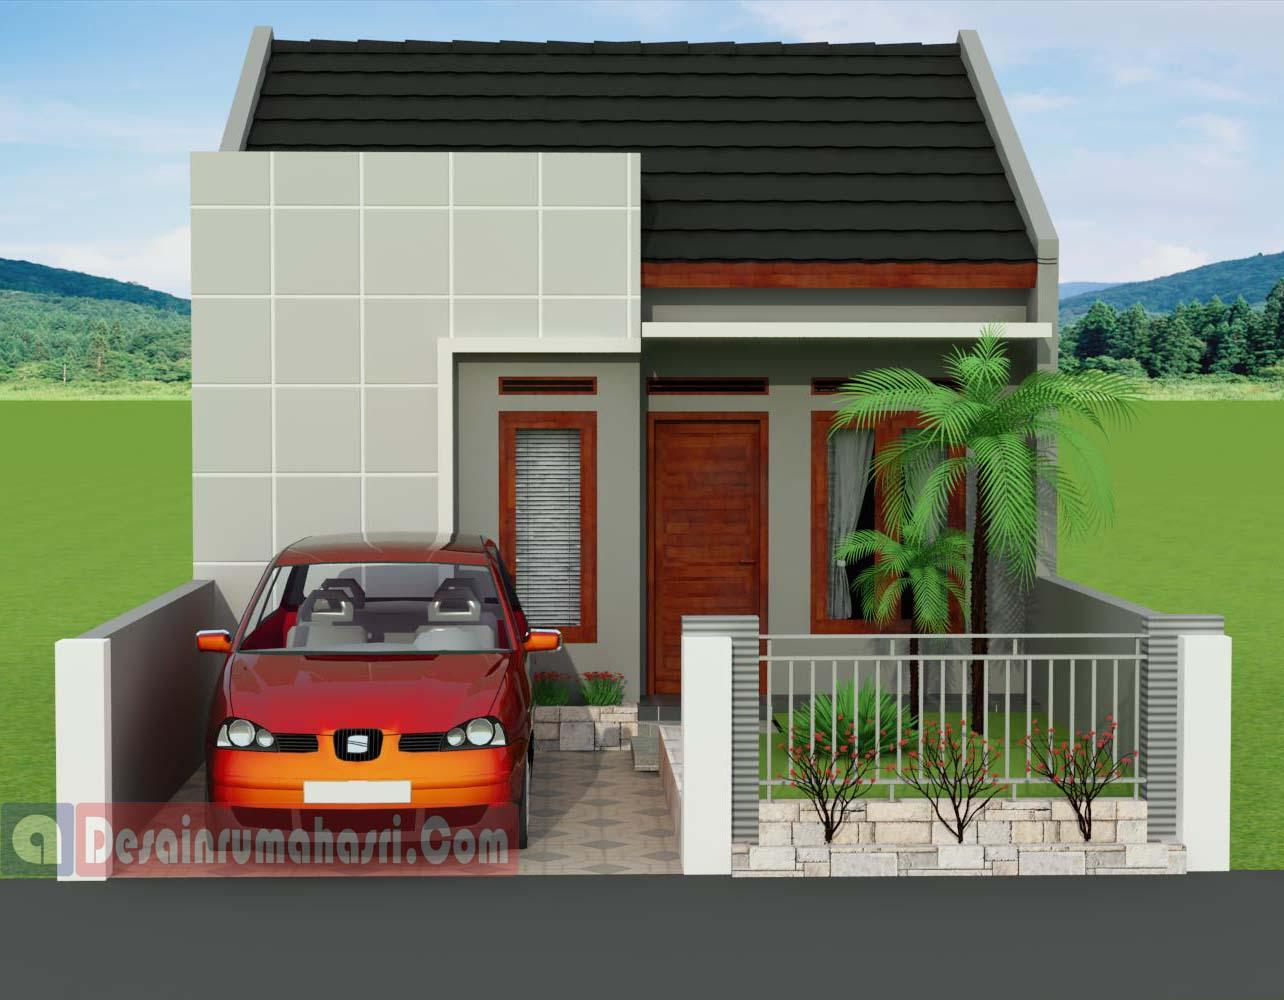 Paling keren 21 Gambar Rumah Perumahan 40 Inspirasi Ide Desain Interior Rumah untuk 21 Gambar Rumah Perumahan